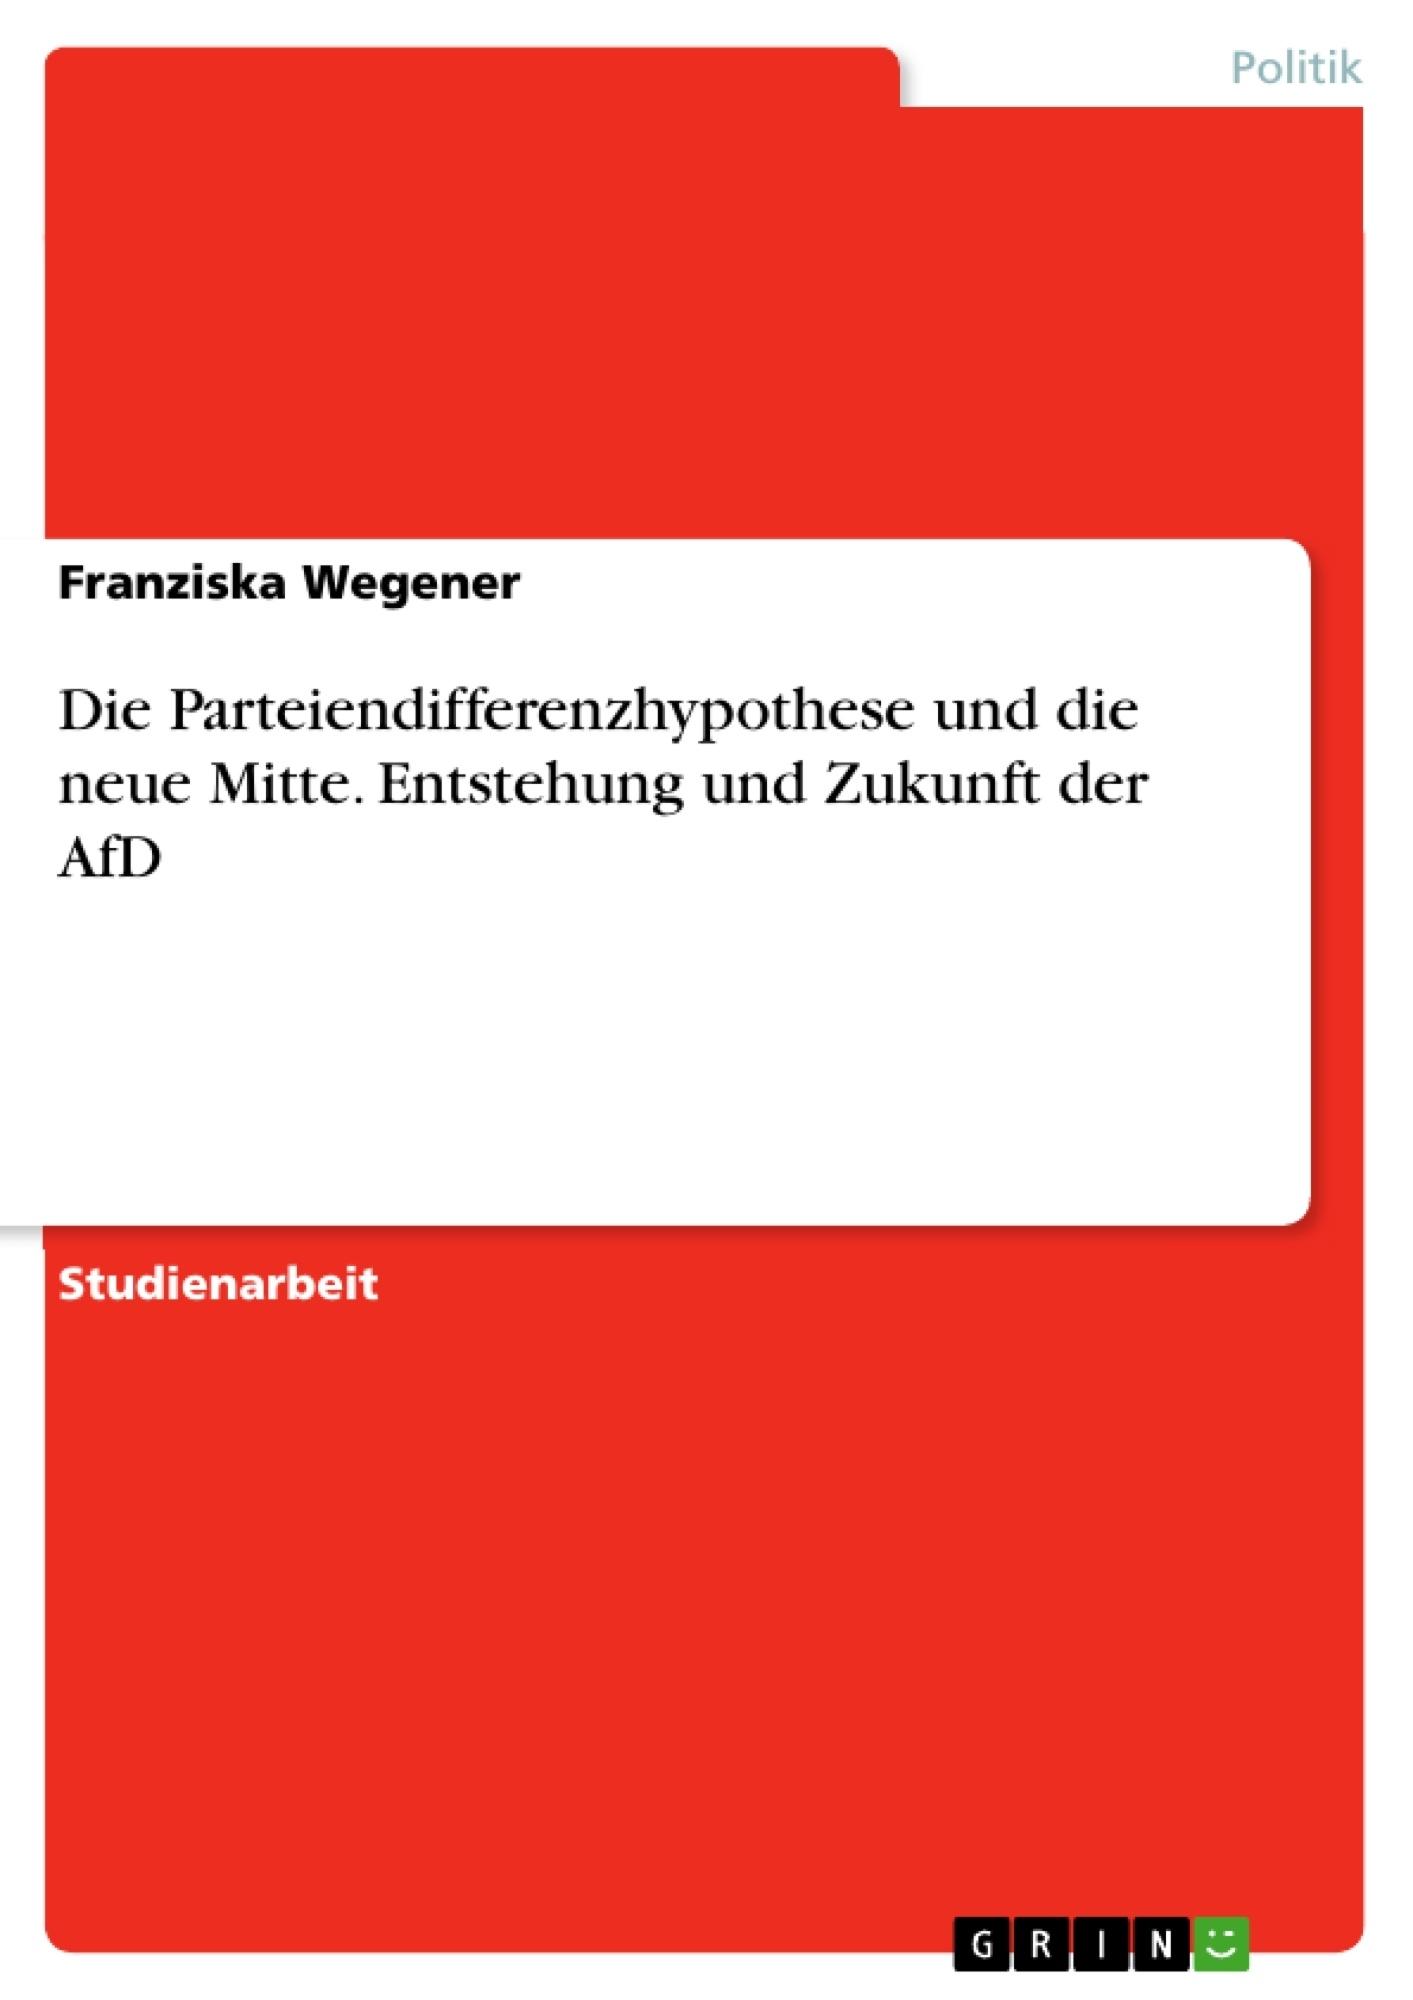 Titel: Die Parteiendifferenzhypothese und die neue Mitte. Entstehung und Zukunft der AfD